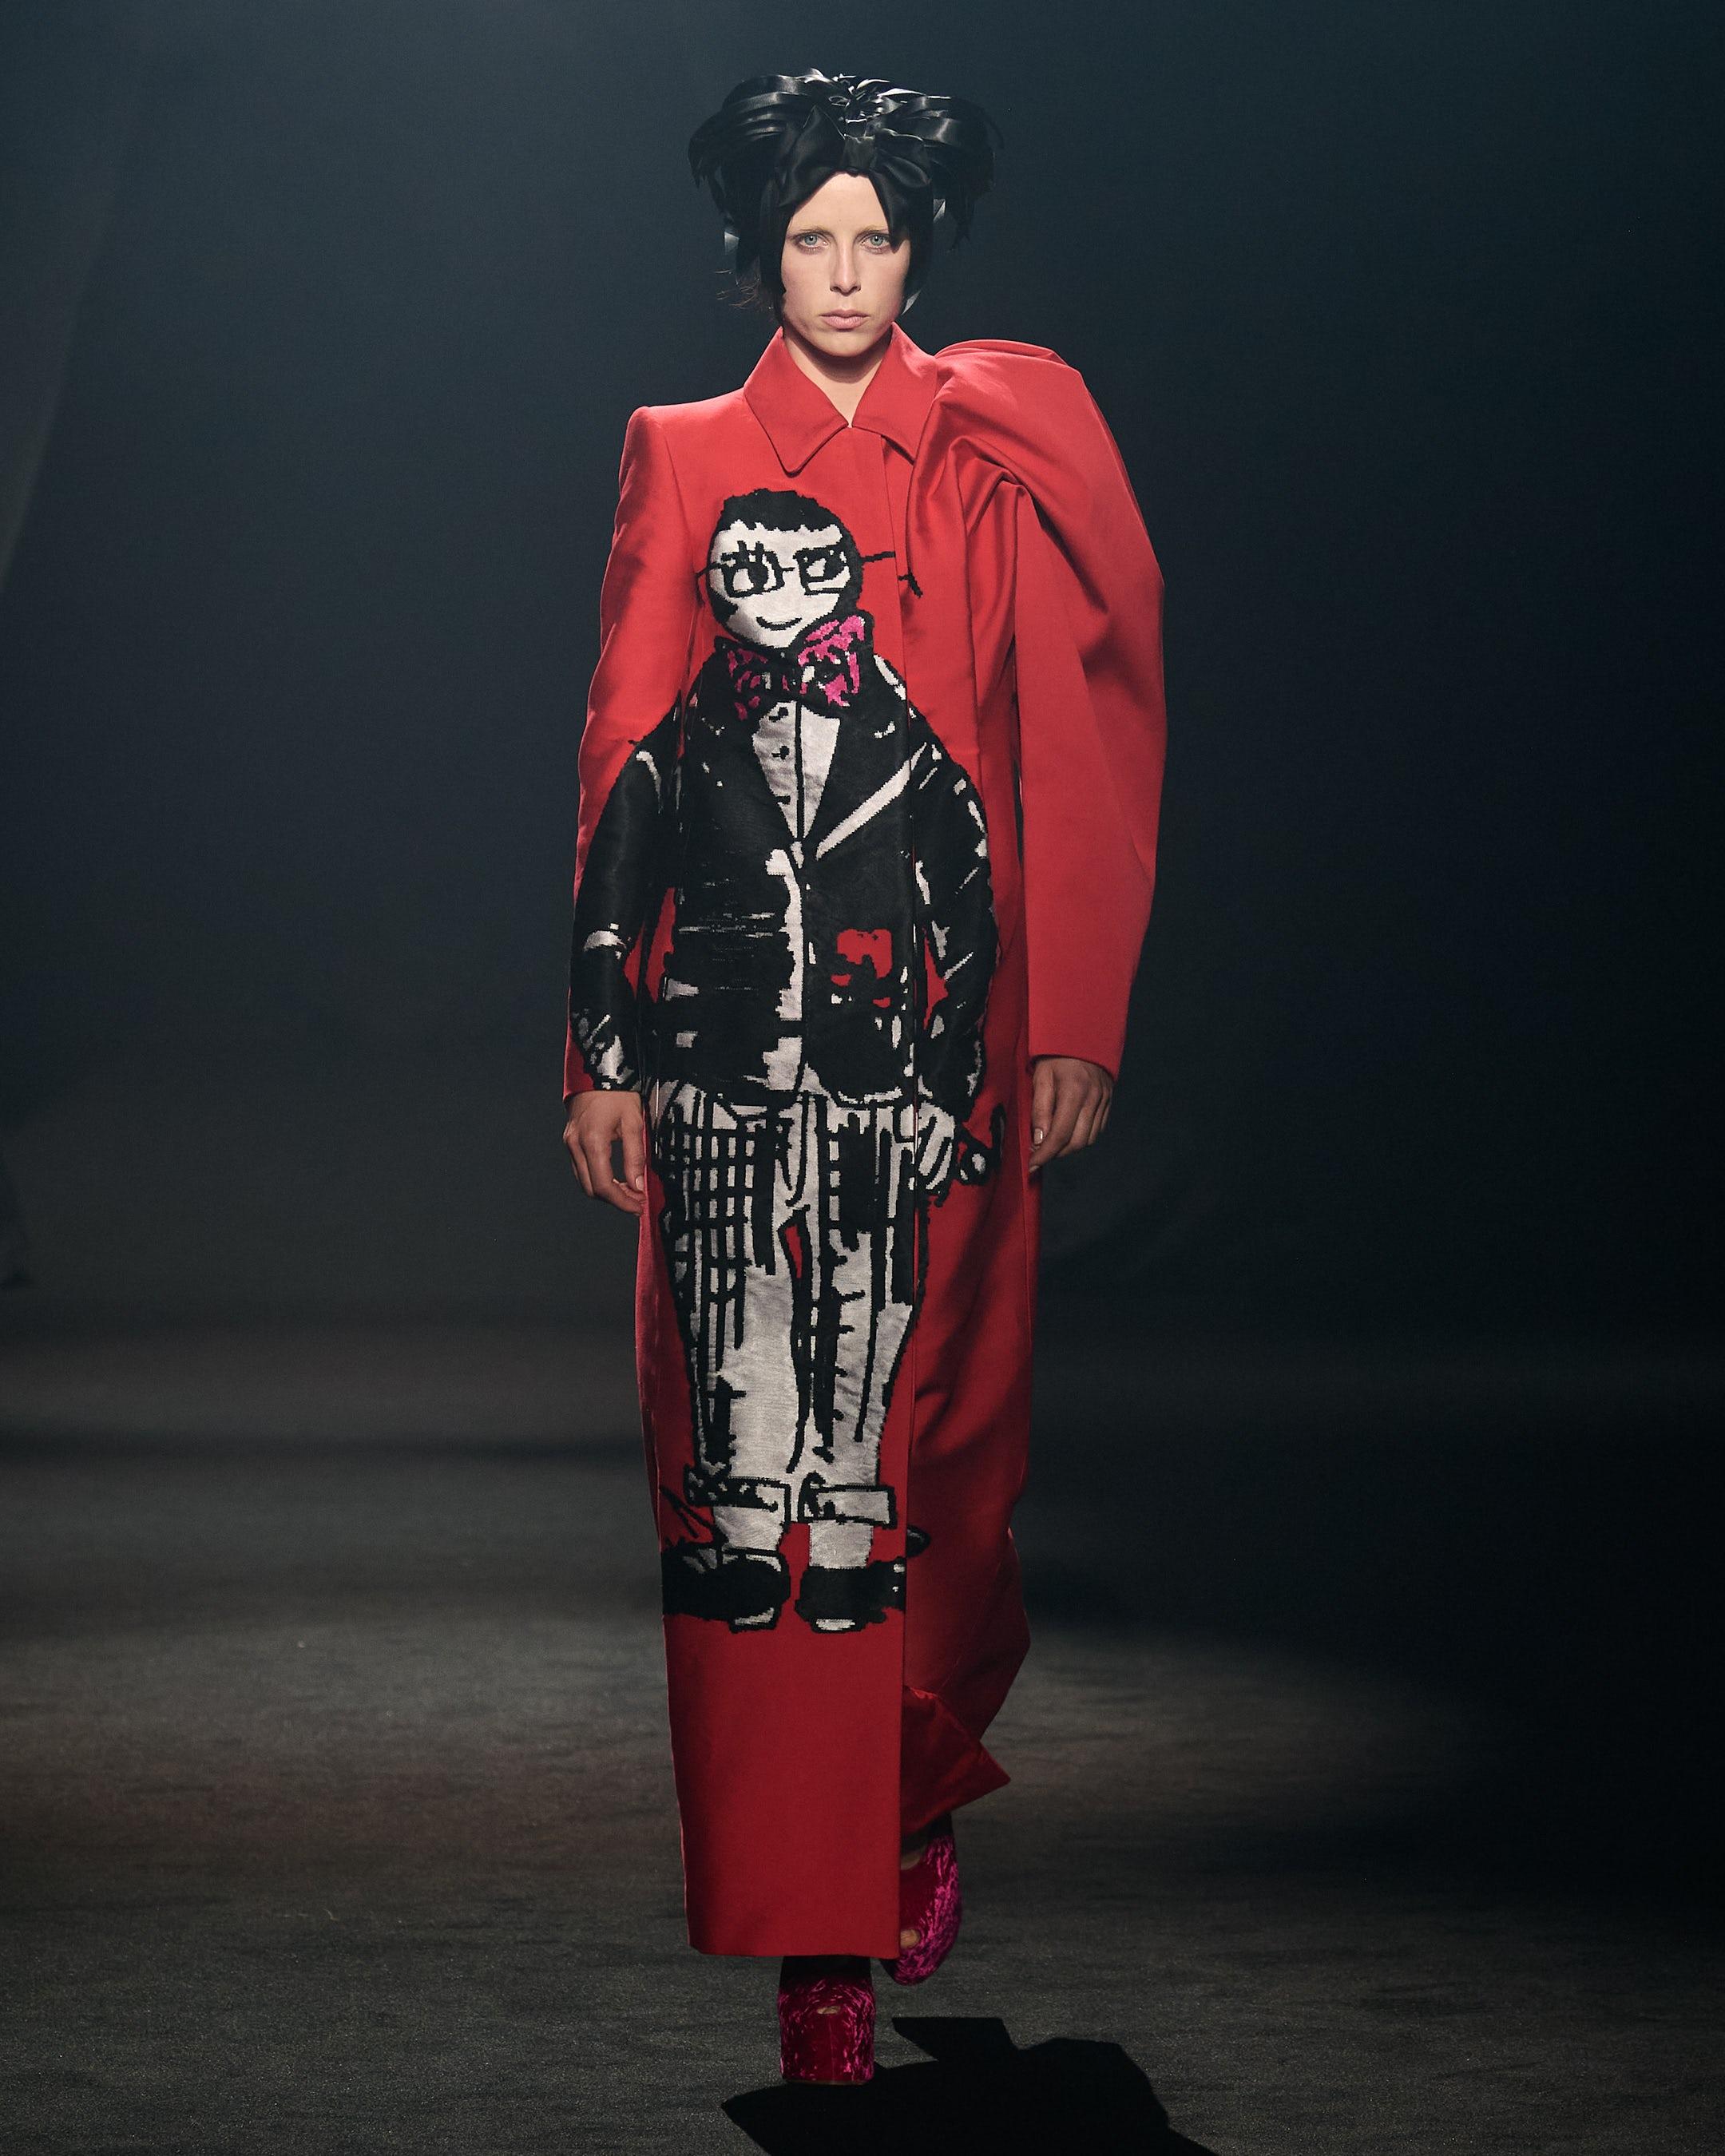 作为巴黎时装周的一部分,艾迪·坎贝尔(Edie Campbell)在阿尔伯·埃尔巴兹(Alber Elbaz)致敬秀上穿着德里斯·范诺顿(Dries van Noten)的服装走在T台上。礼貌亚博账号忘记了怎么办